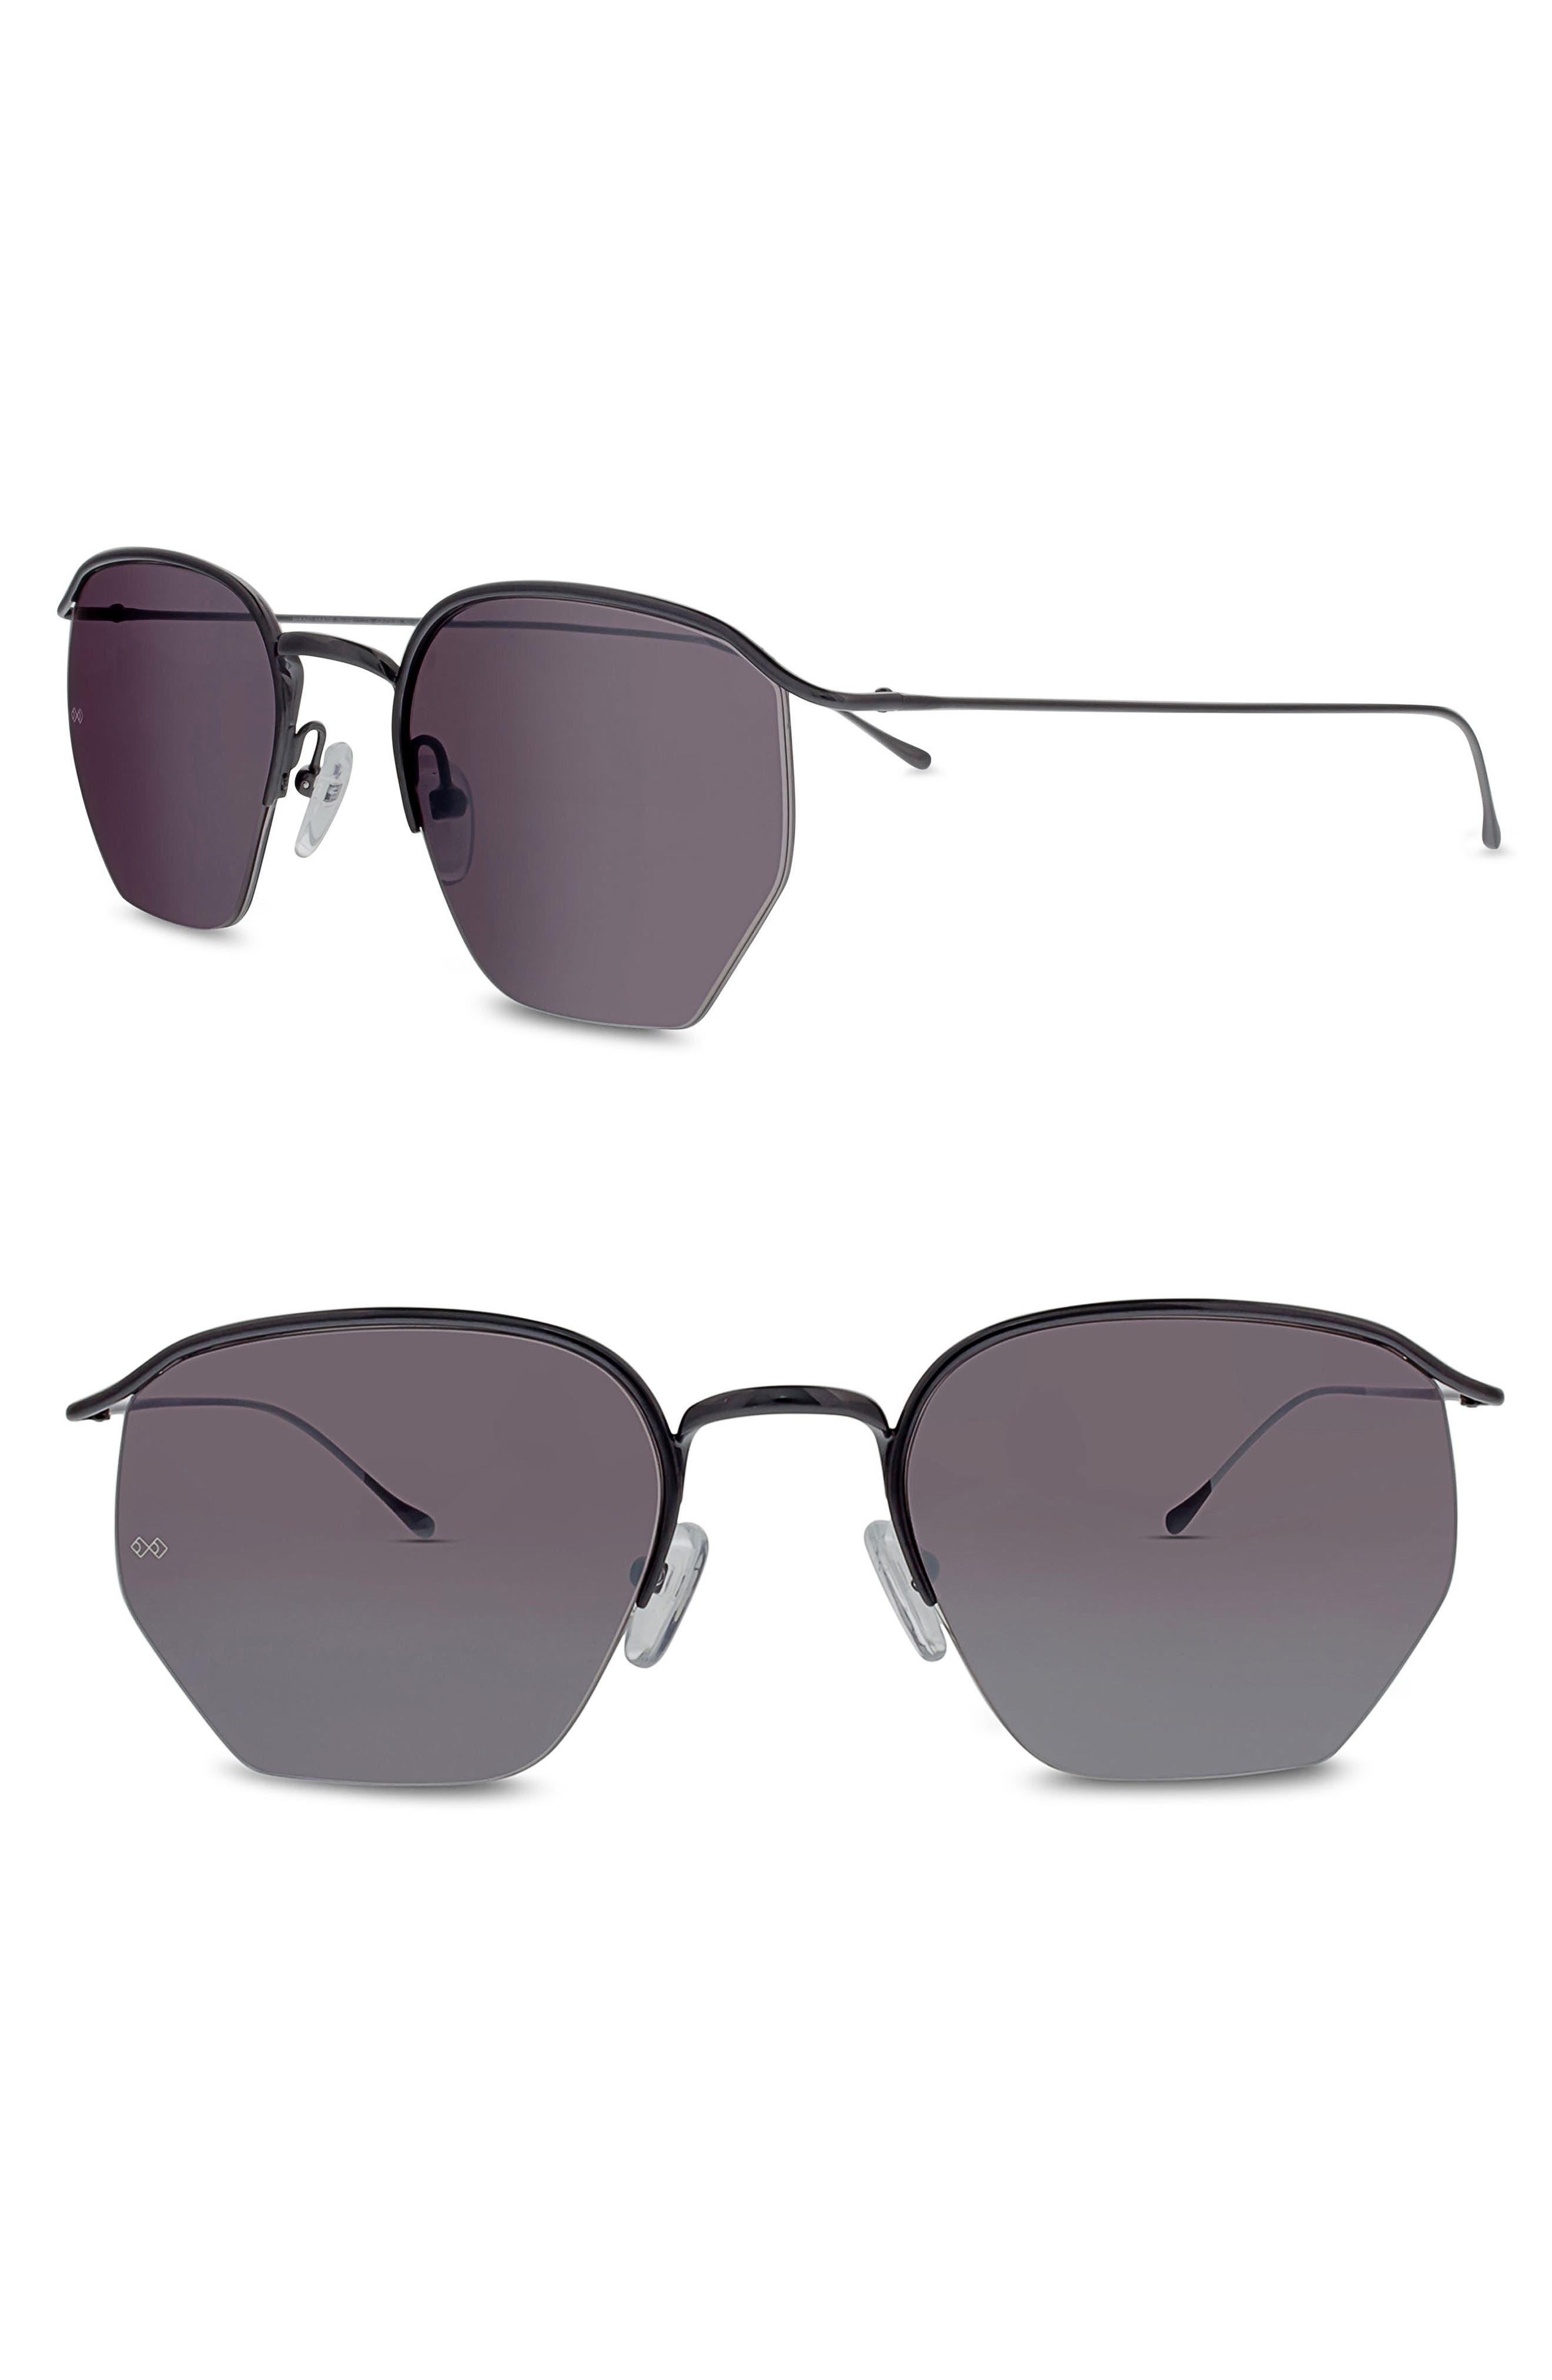 Geo I 51mm Semi Rimless Sunglasses,                         Main,                         color, Gunmetal/ Silver Mirror